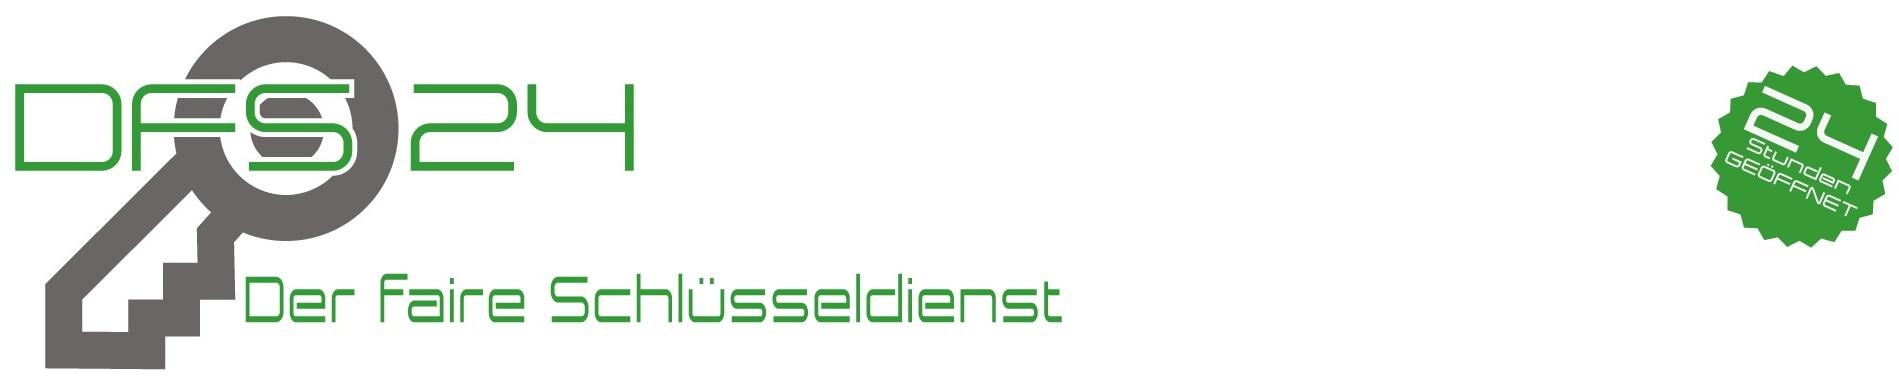 schlüsseldienst dülmen logo